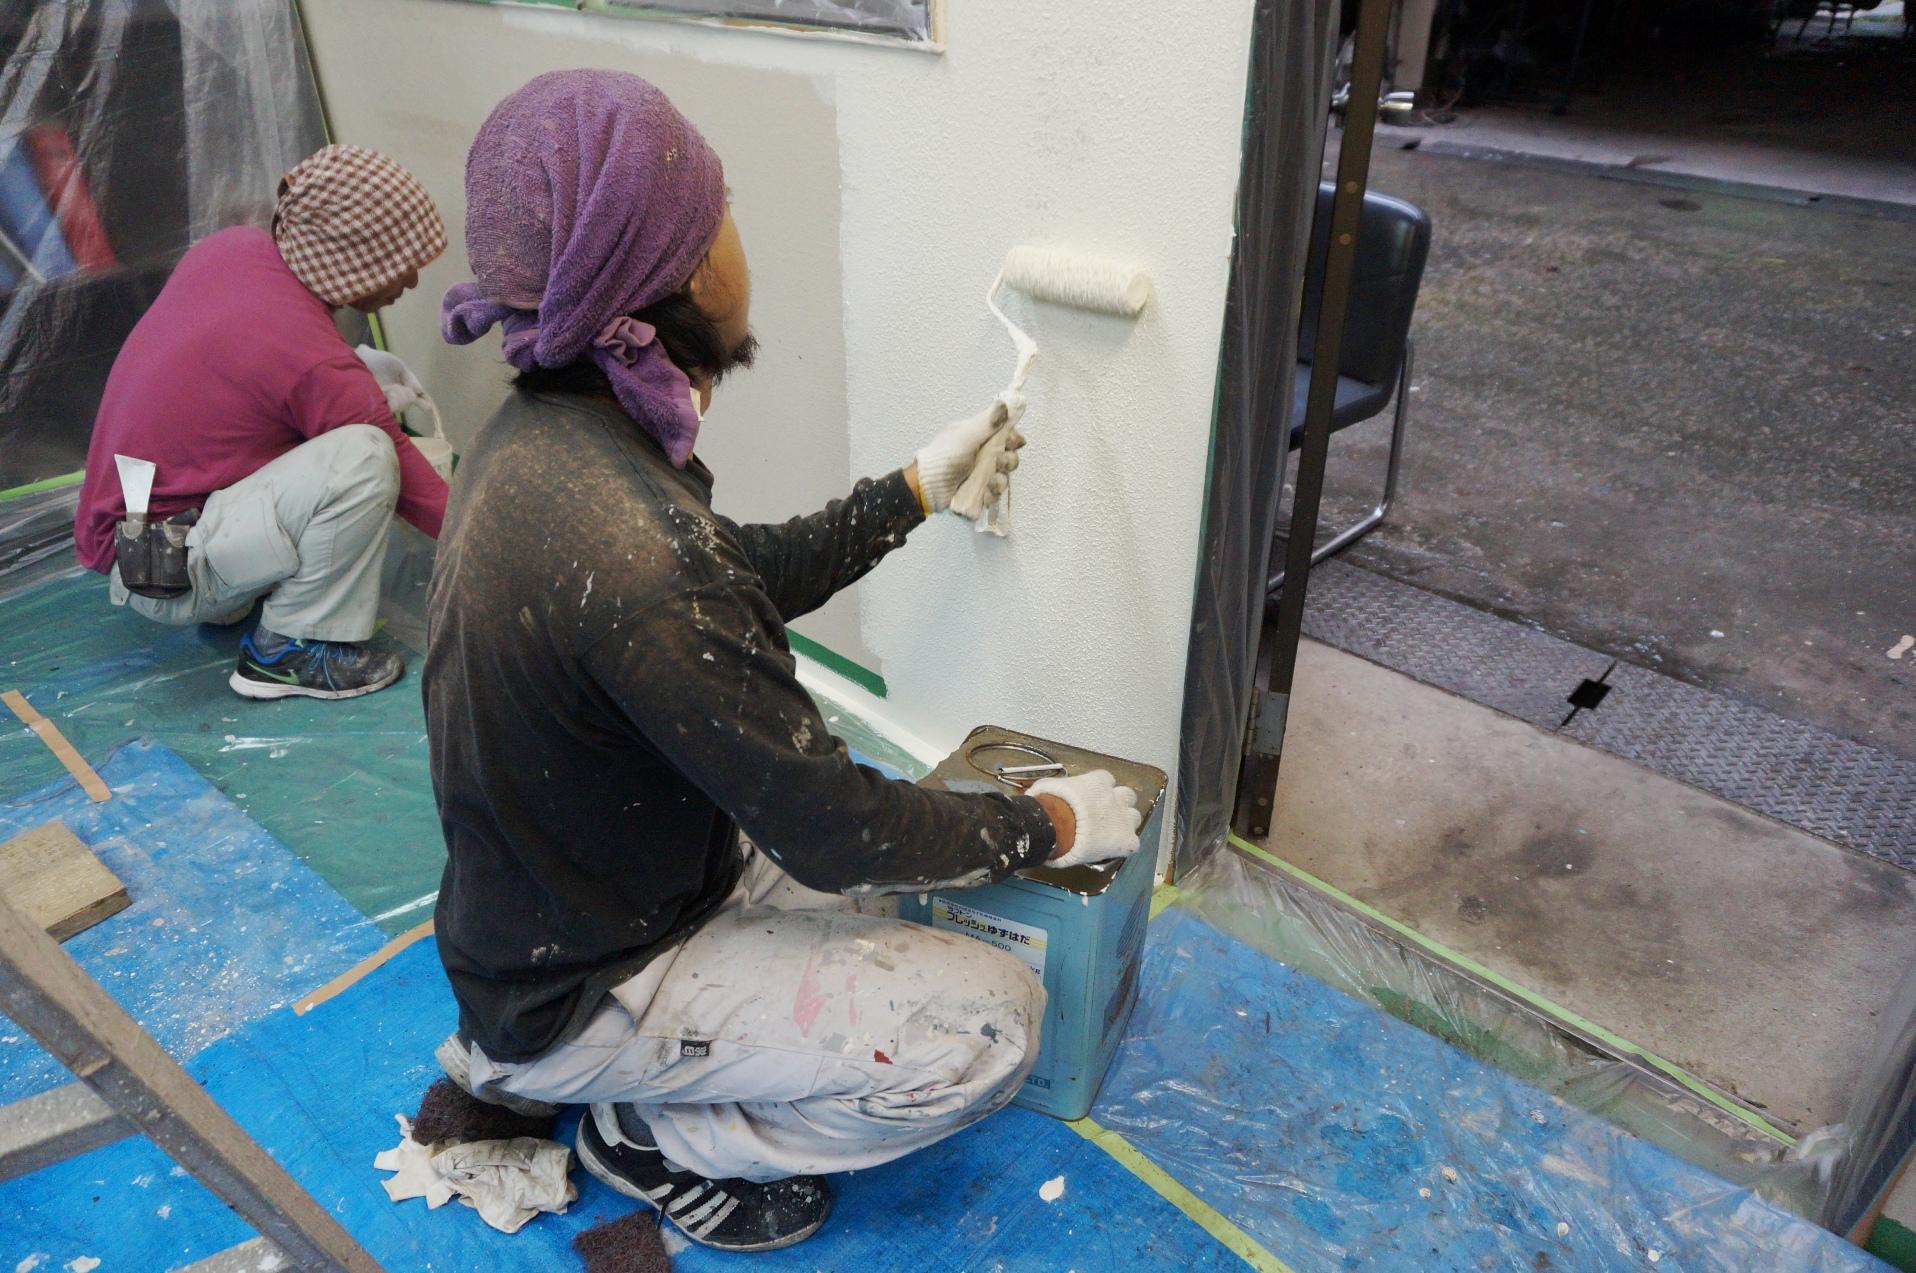 ゆず肌仕上げで室内壁を塗装してきました